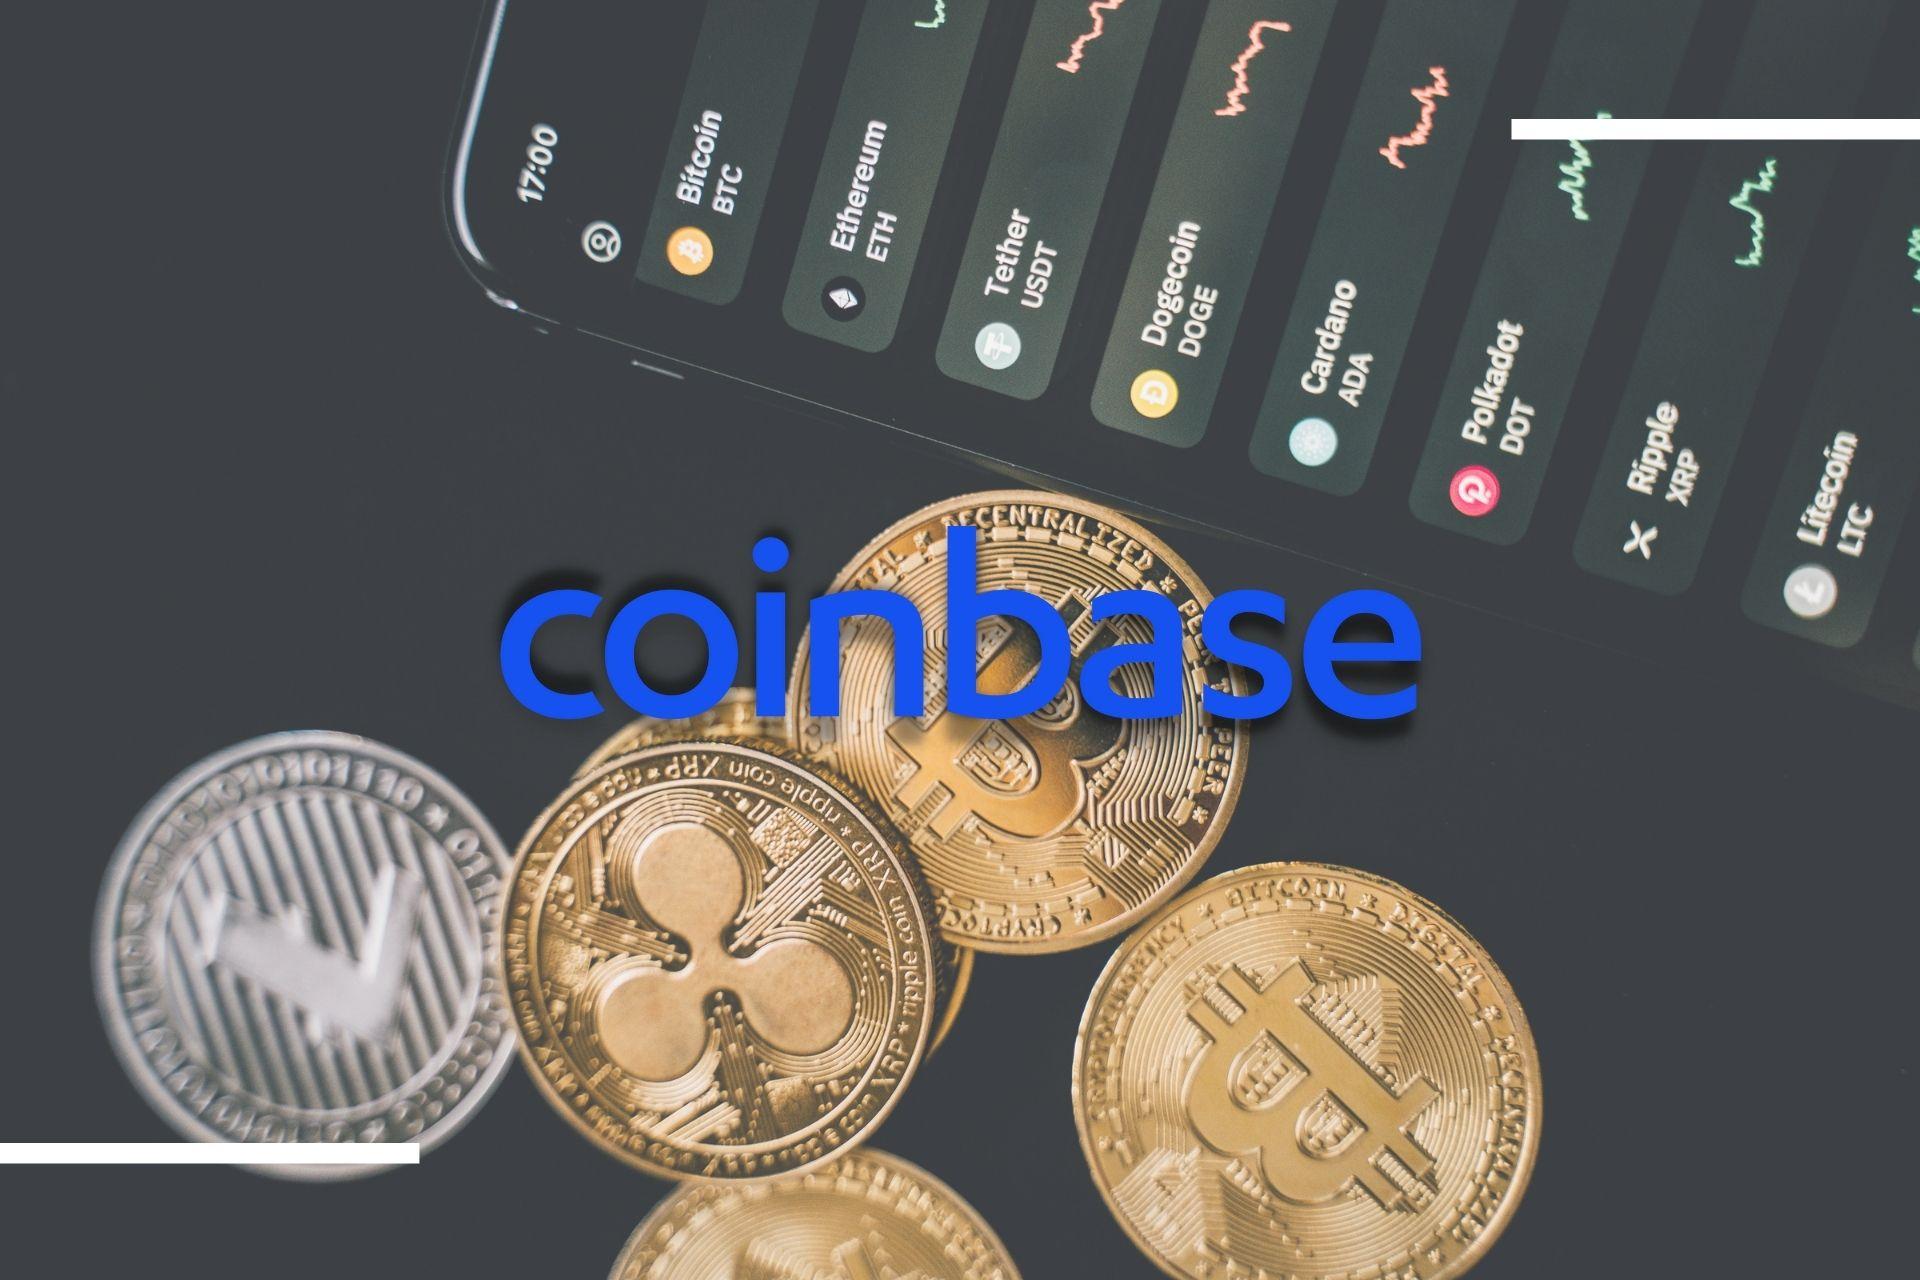 Coinbase expande su plataforma cripto hasta Japón y anuncia que invertirá más de 500 millones de dólares para la compra de criptomonedas que incluirá en su balance corporativo